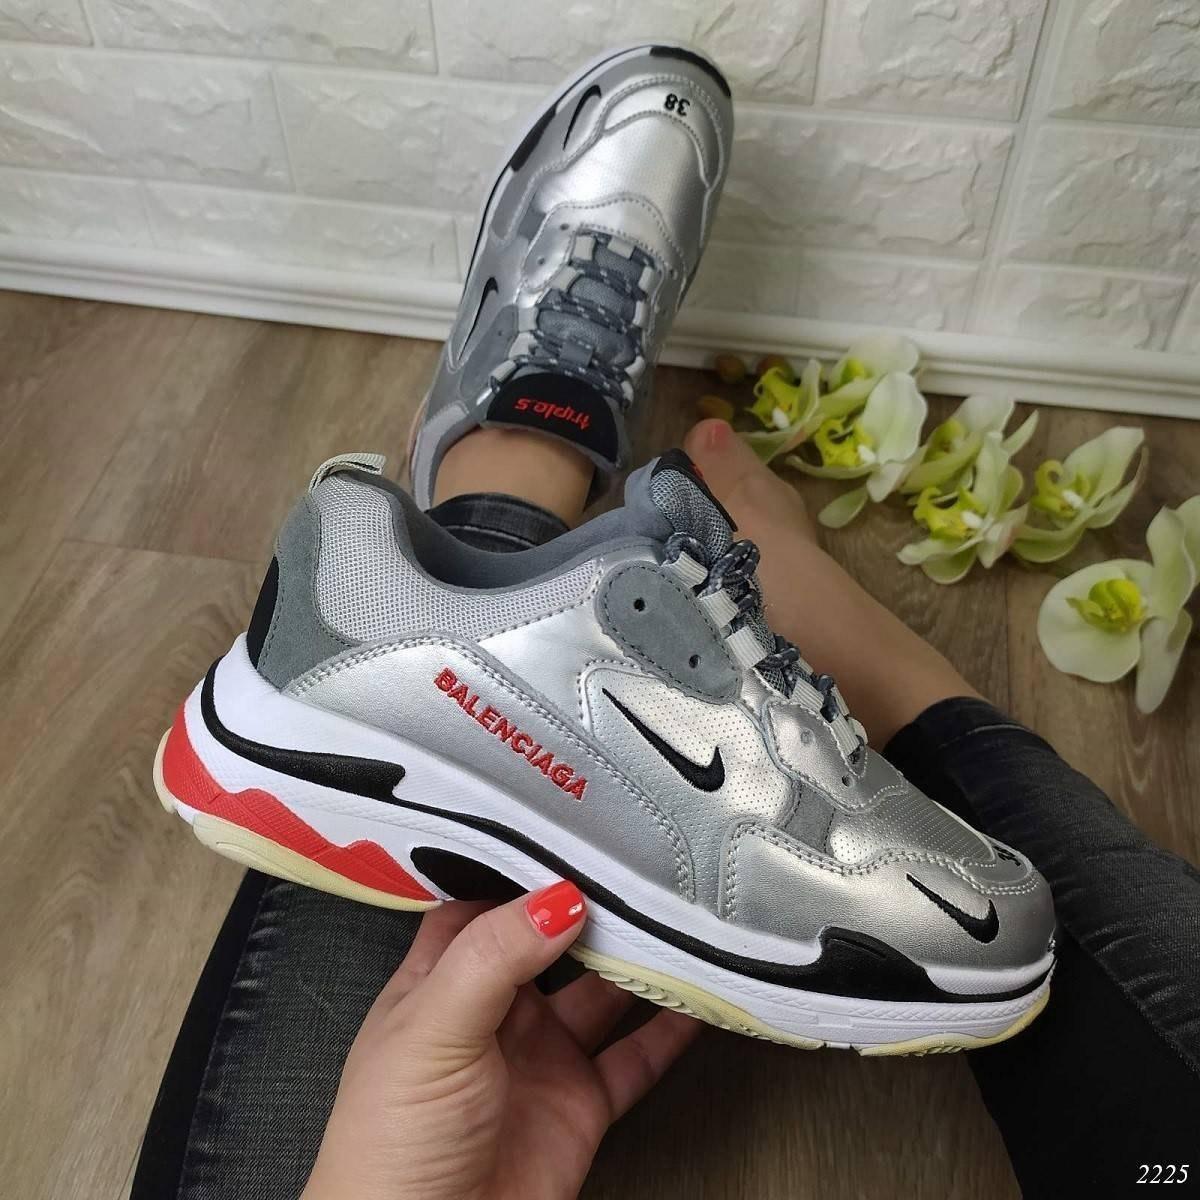 Кросівки жіночі Balenciaga Код: 2225 Колір: срібло 38 р.